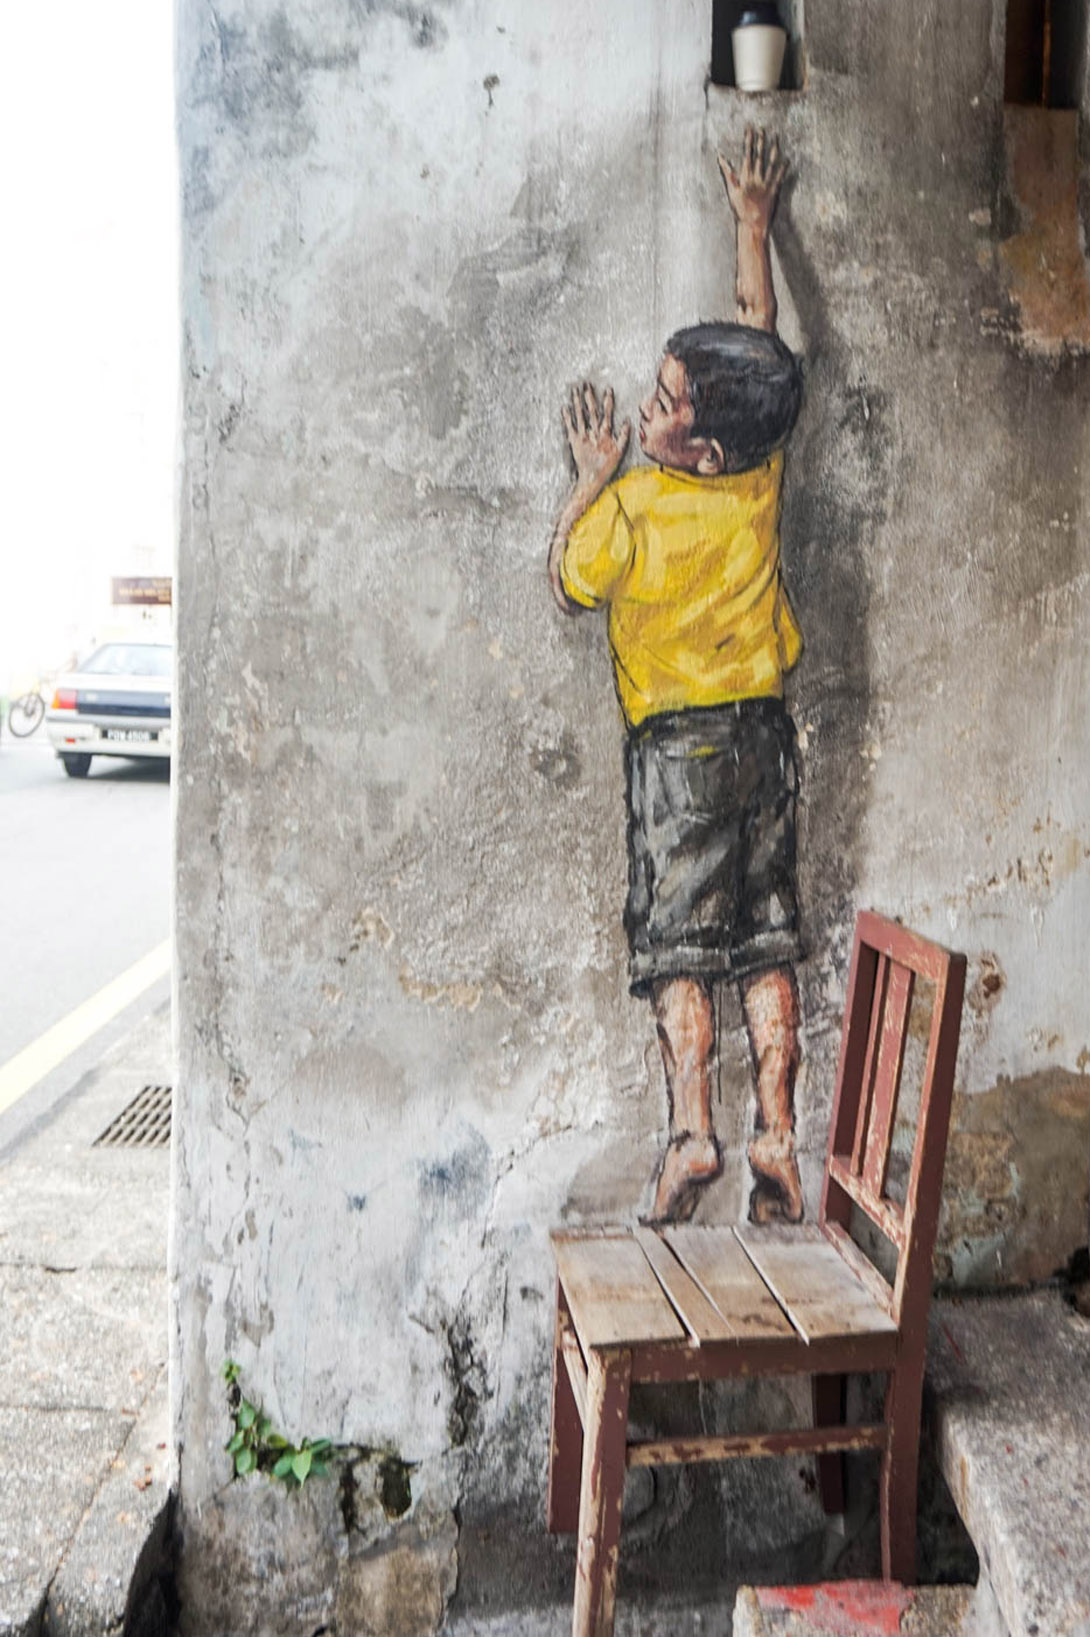 overreaching boy street art penang georgetown